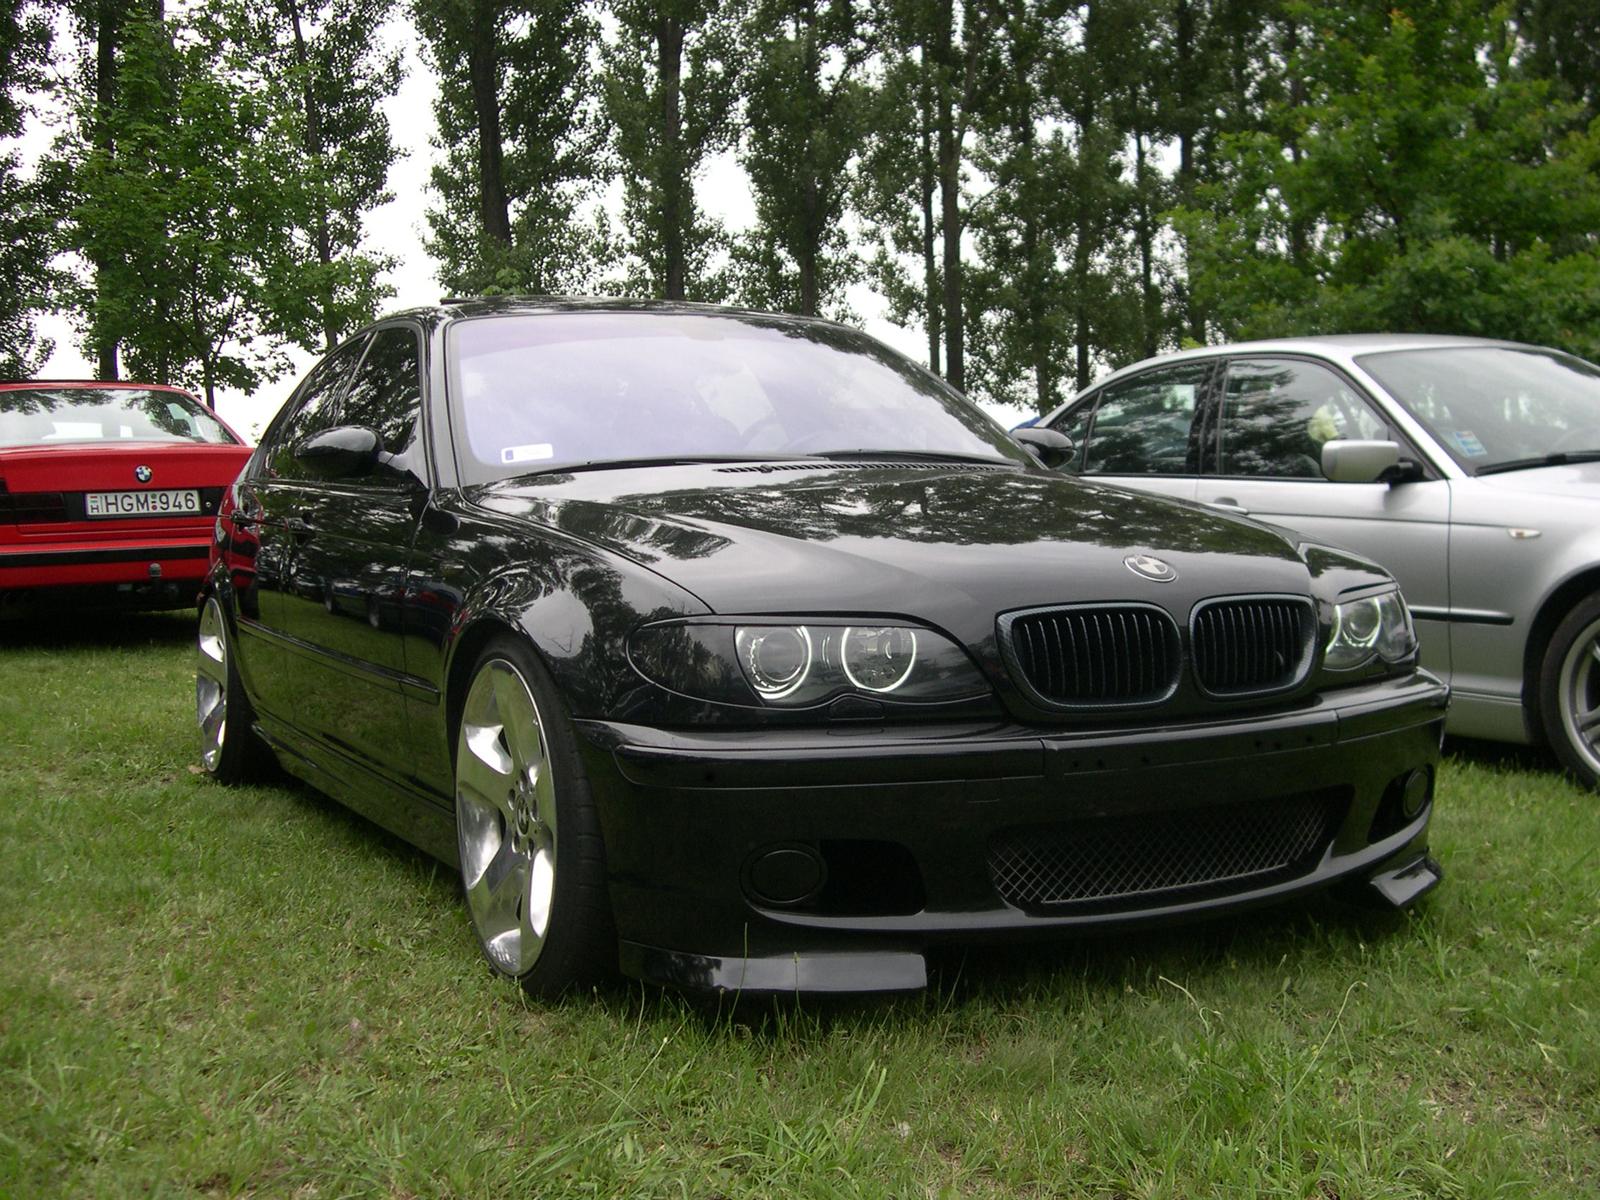 BMW E46 320i M-packet tuning (Ricco-320d) - CARSTYLING.COM    Magyar ... ddba03d61b